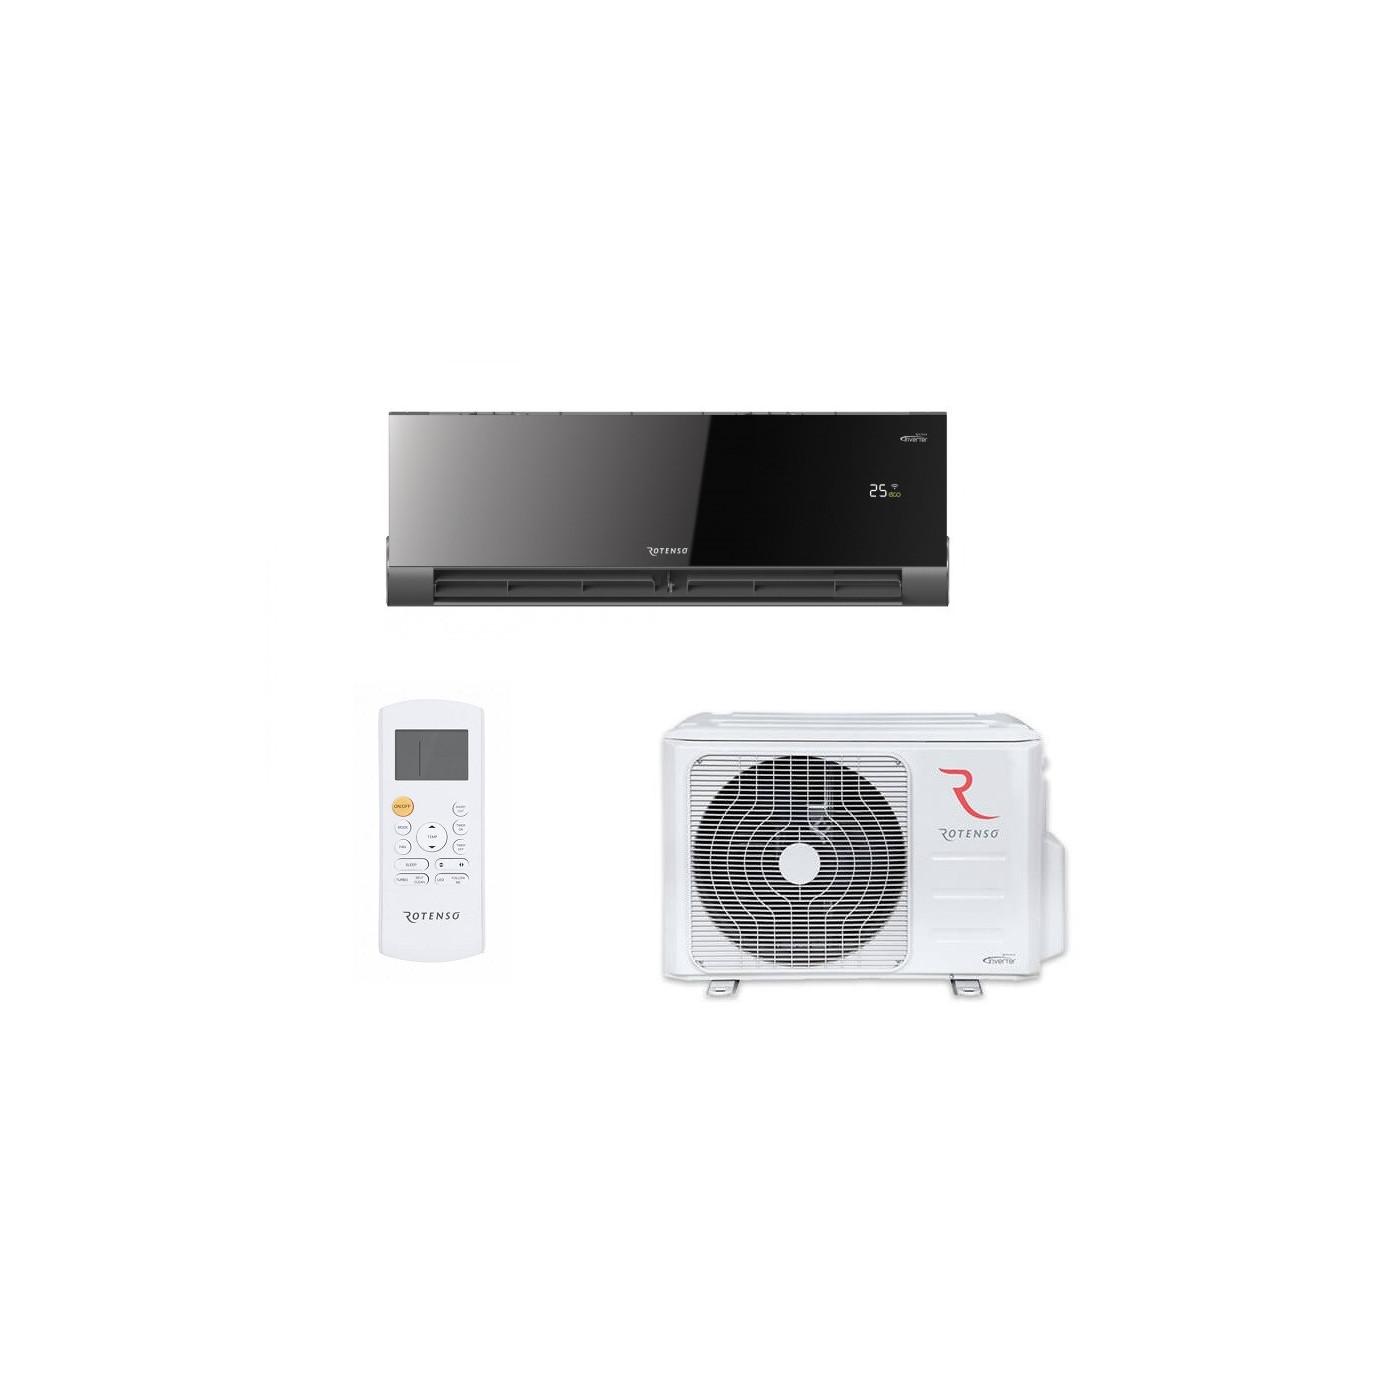 Klimagerät Klimaanlage A++ Klima 2,6 kW 230V Kühlen/ Heizen Split Anlage Montagehaken